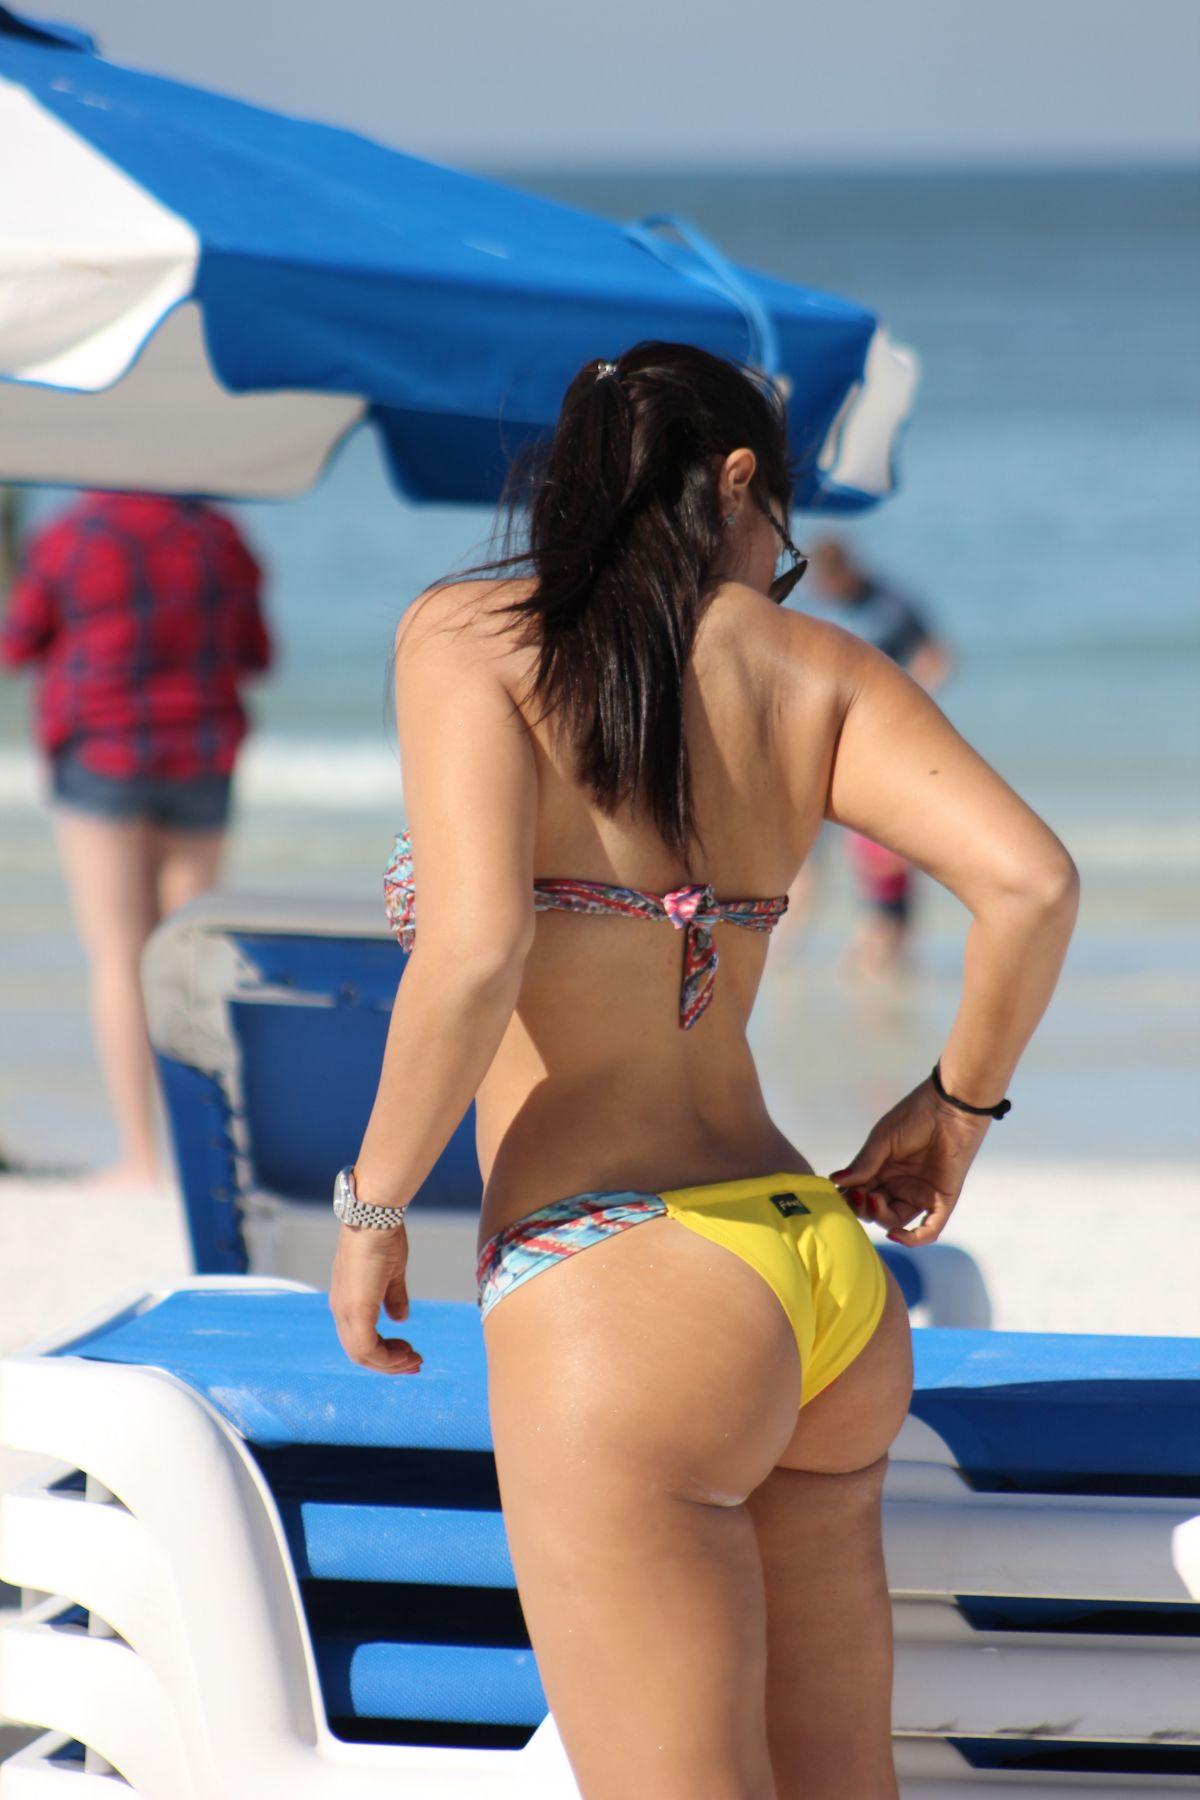 Andrea Calle in Bikini on the beach in Miami Pic 5 of 35